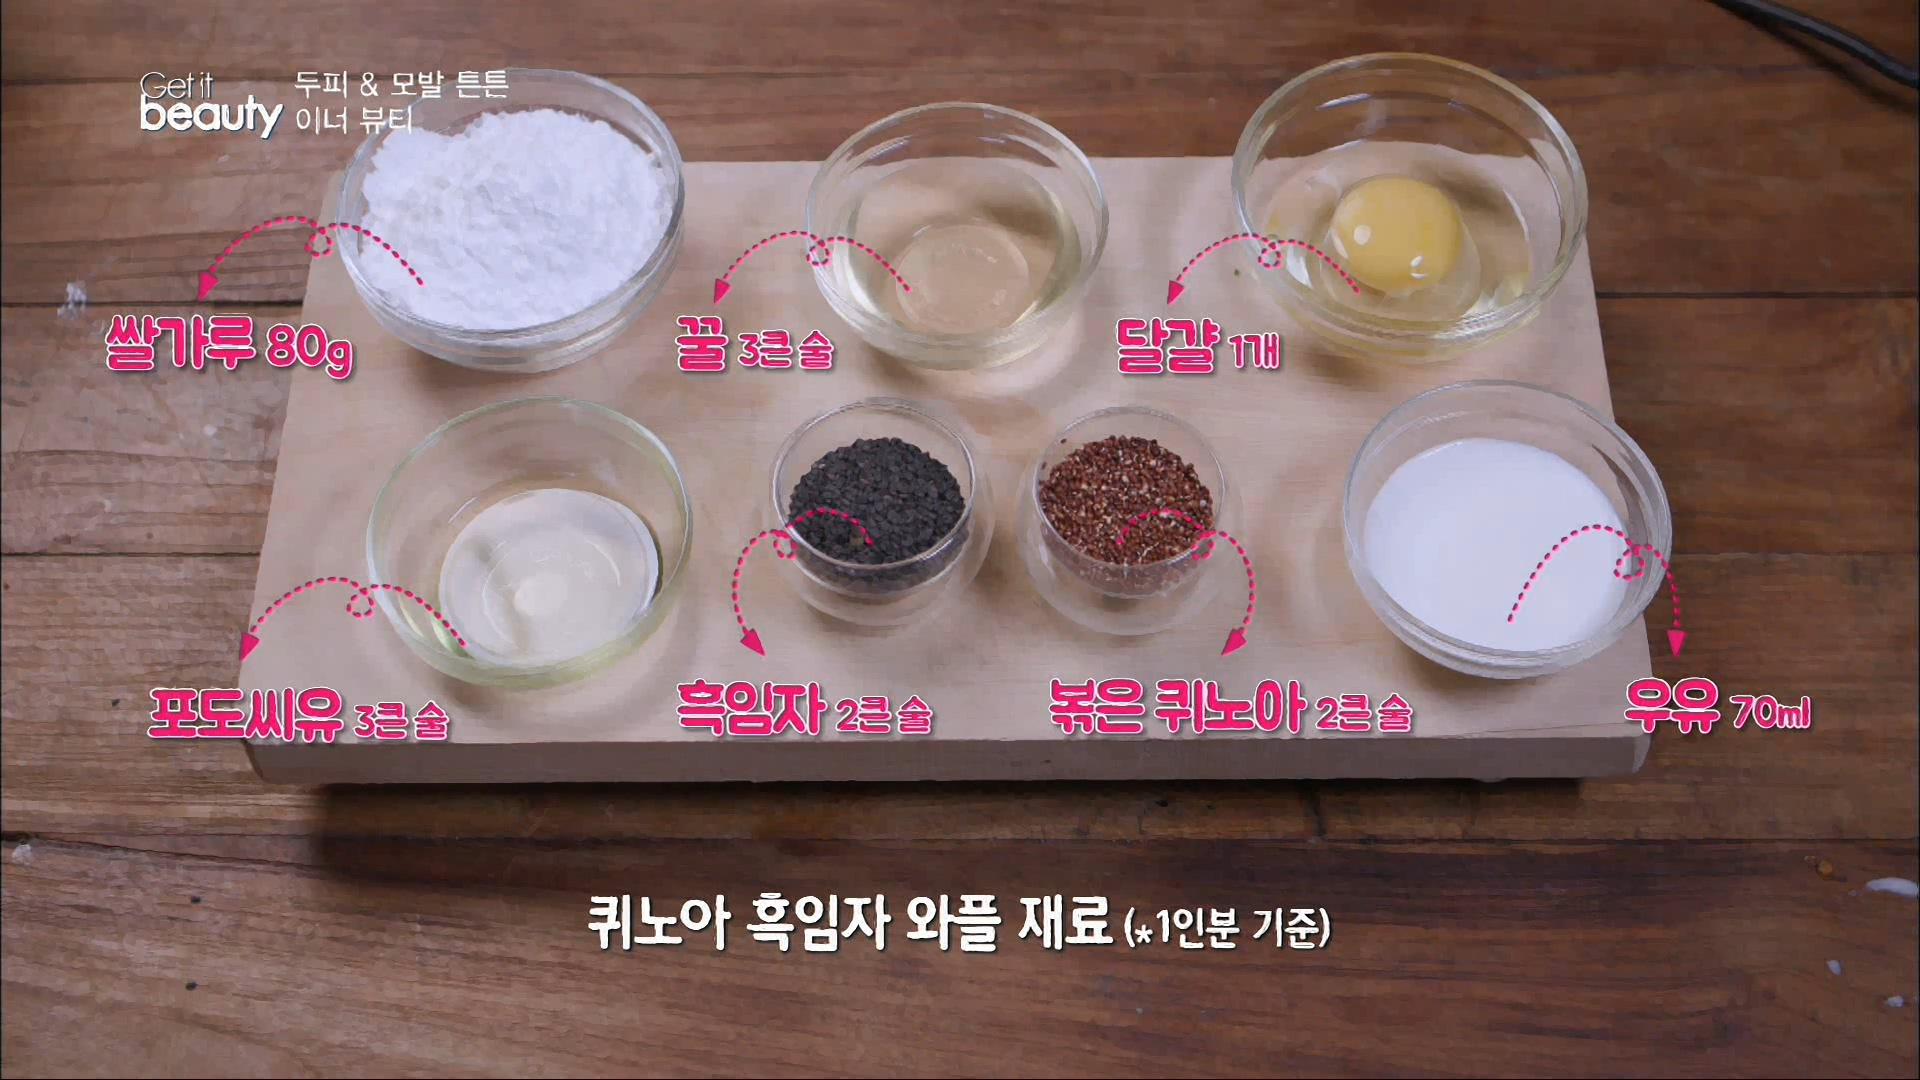 재료는 모발에 좋은 식재료로 준비를 해주세요 *1인분 기준 쌀가루(80g),꿀(3큰술), 달걀(1개), 포도씨유(3큰술), 흑임자(2큰술), 볶은 퀴노아(2큰술), 우유(70ml)